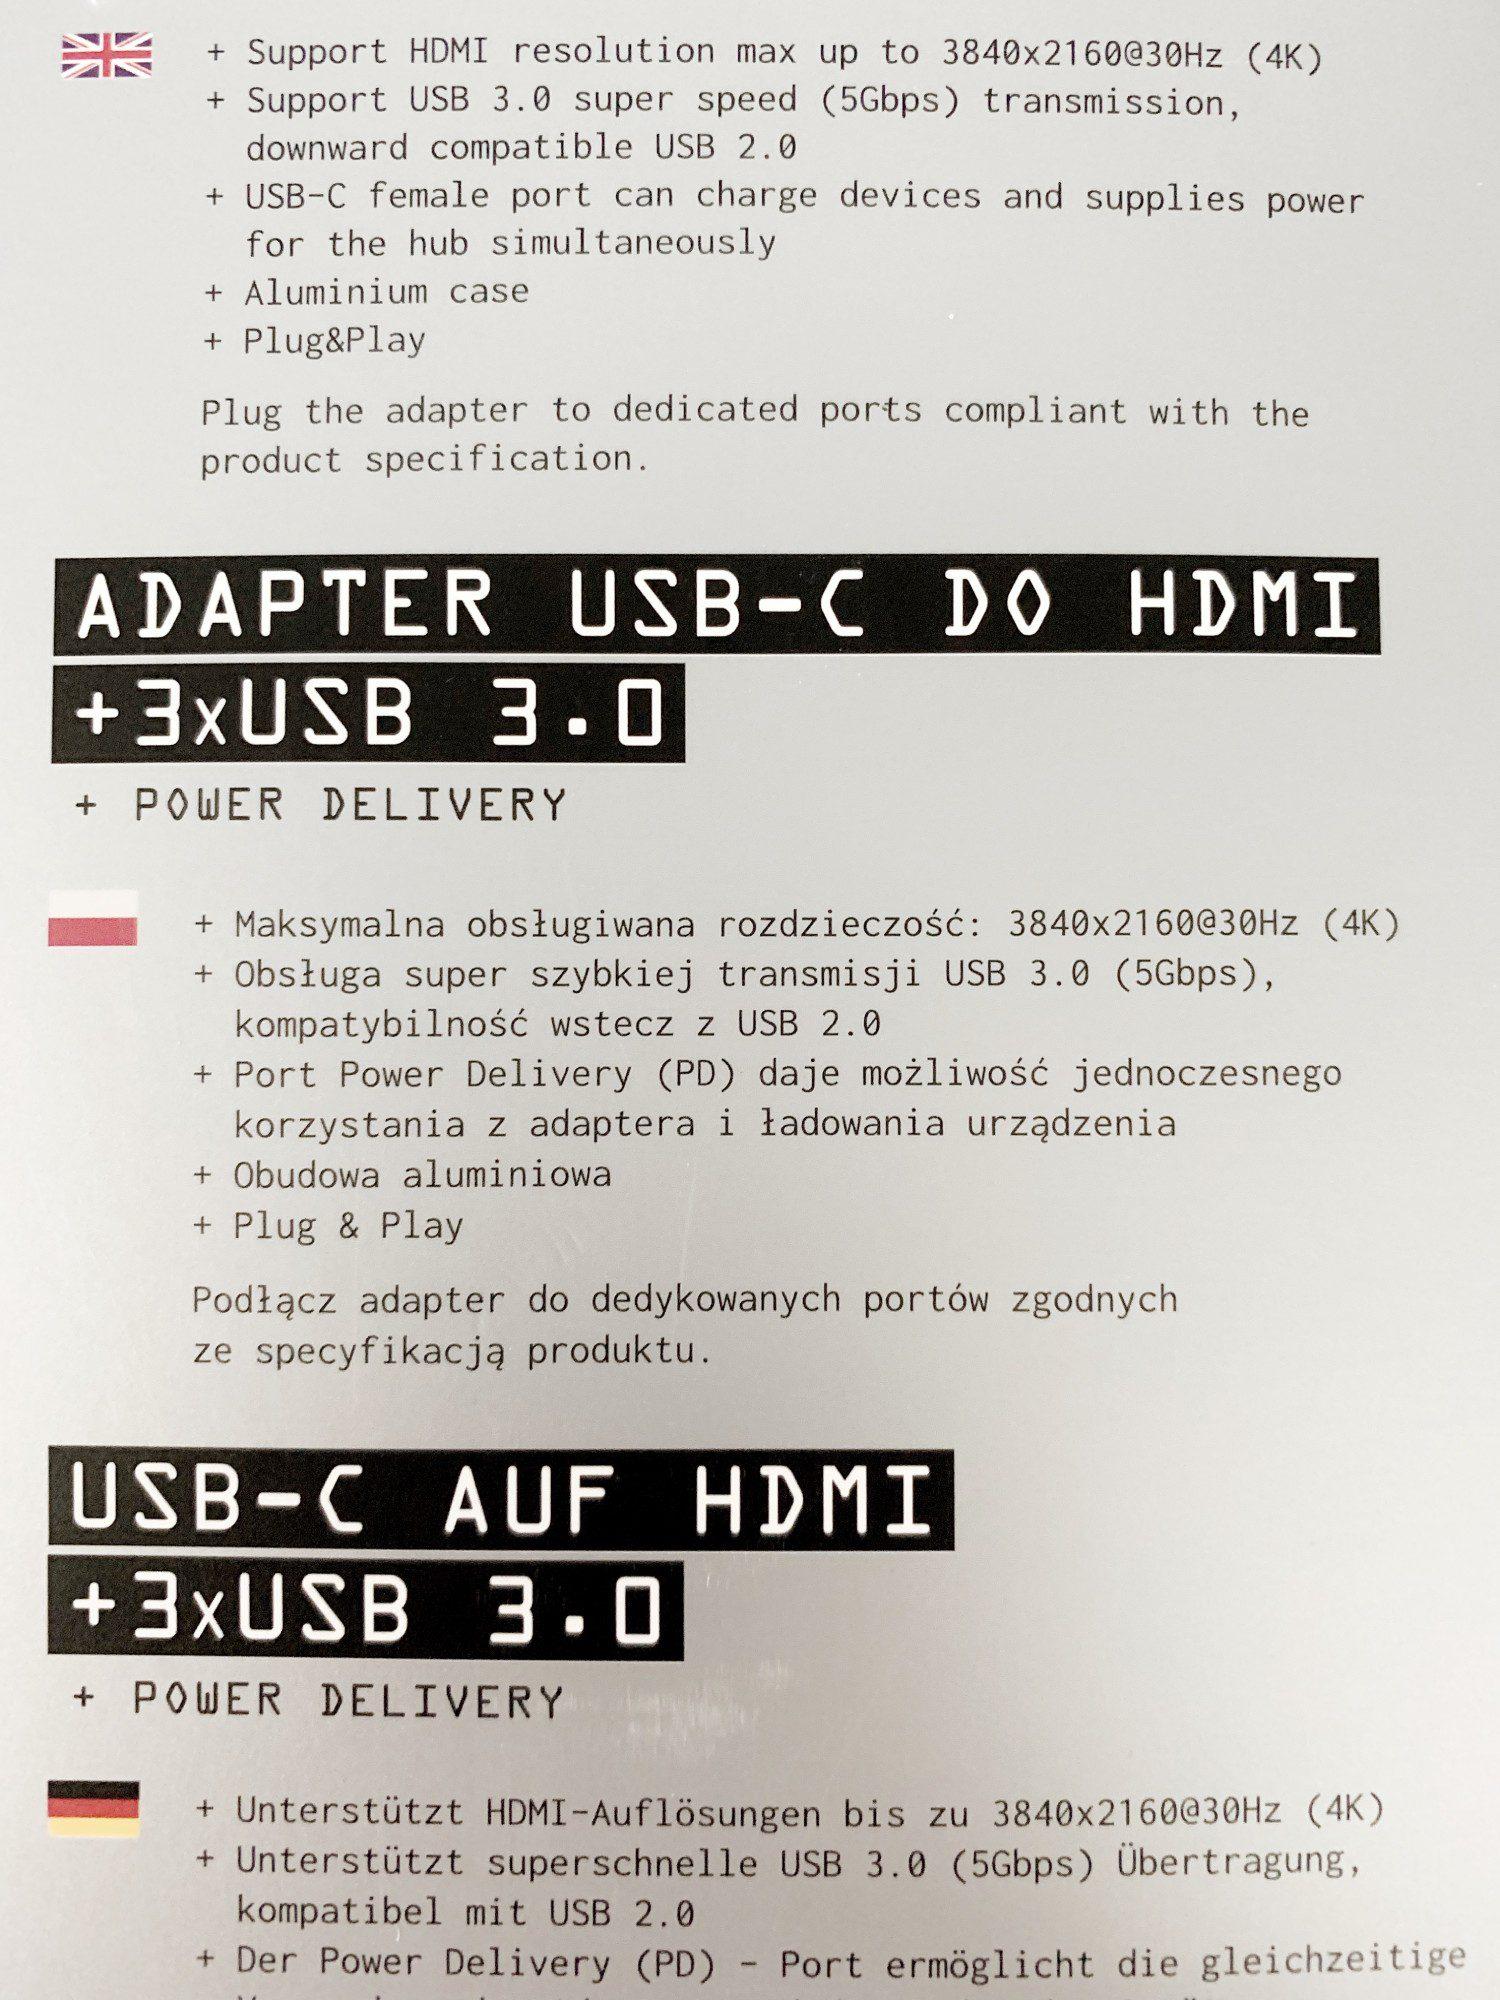 informacje na temat hub usb-c silver monkey w języku polskim